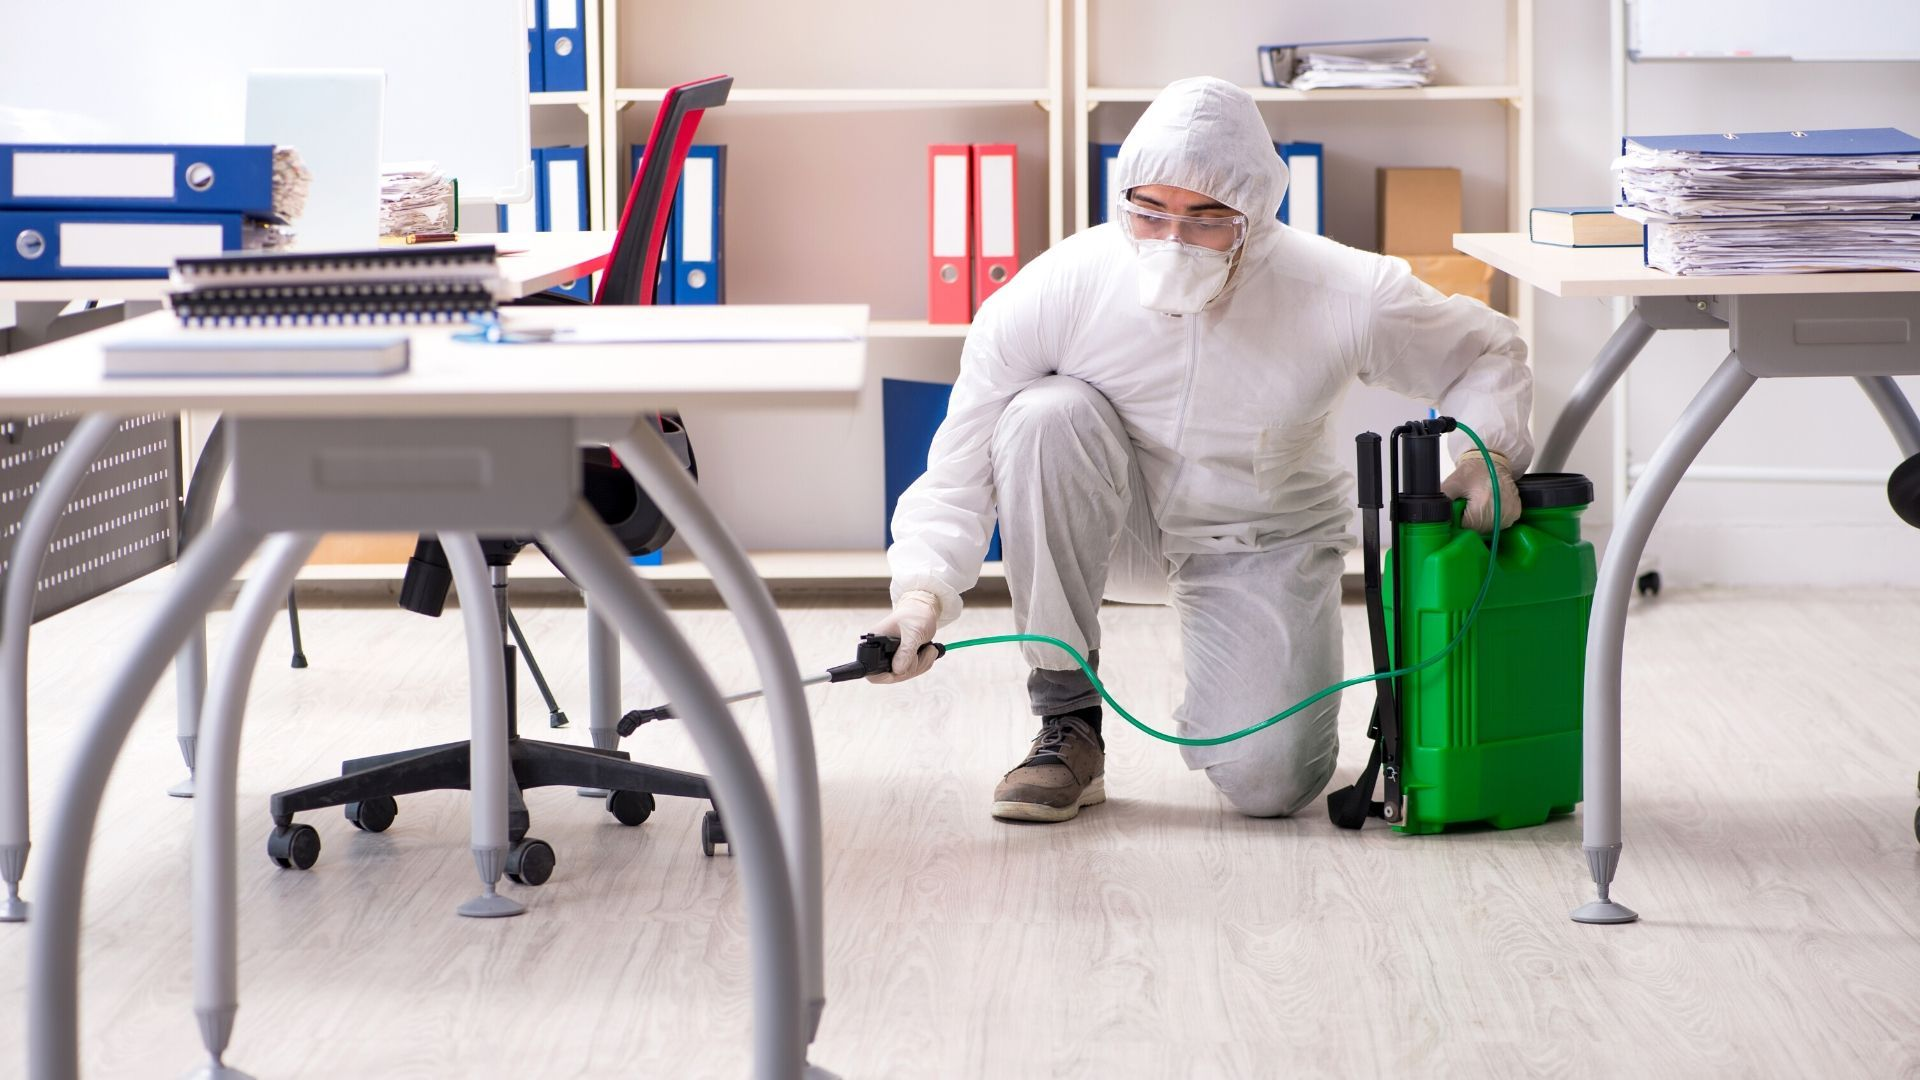 Empresa control de plagas en Tenerife para fumigar y desinfectar negocios